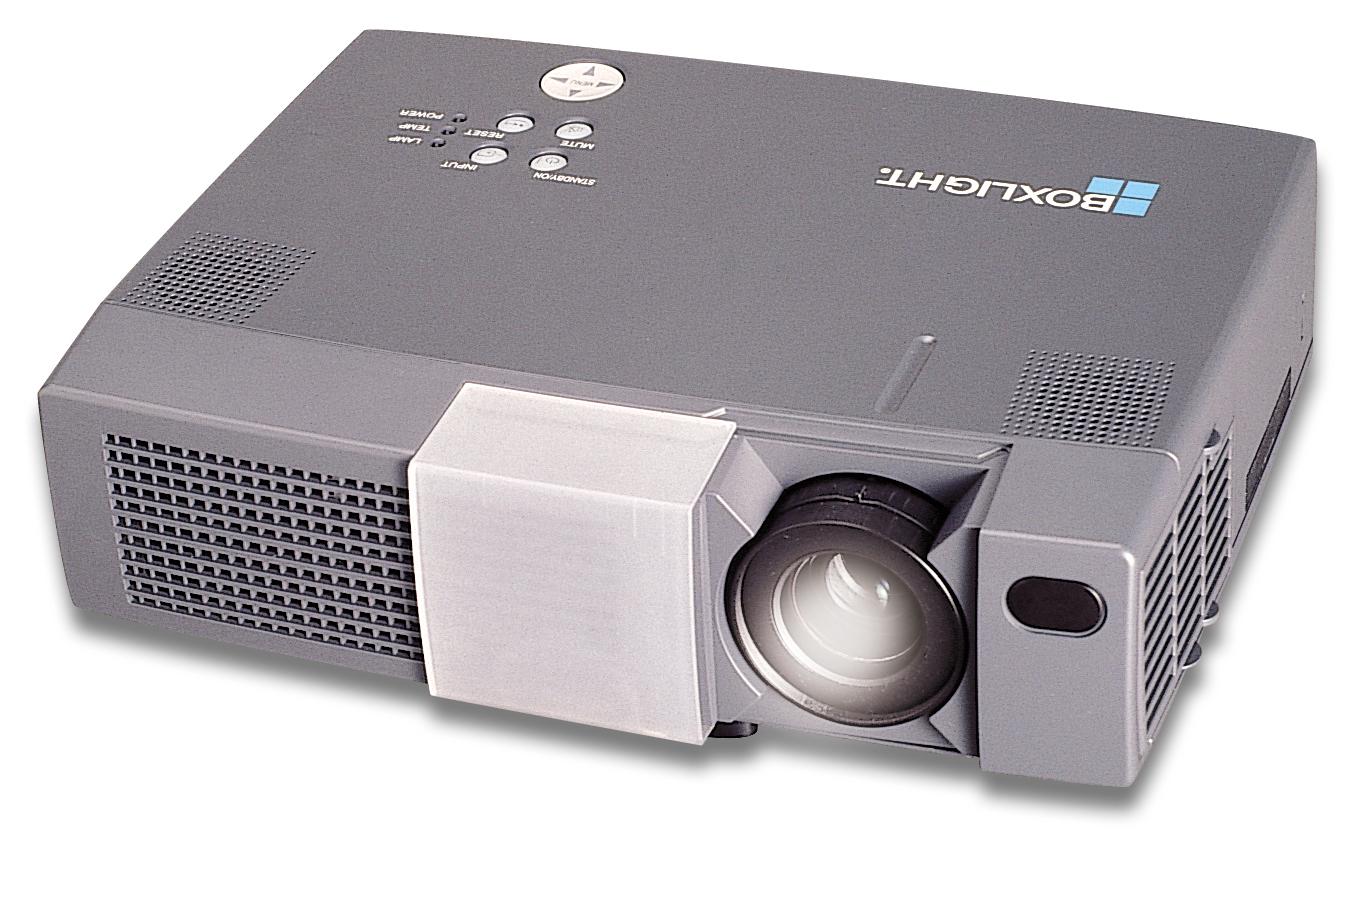 Boxlight Procolor 3080.Boxlight Projektoren Boxlight Cp 731i Xga Lcd Beamer